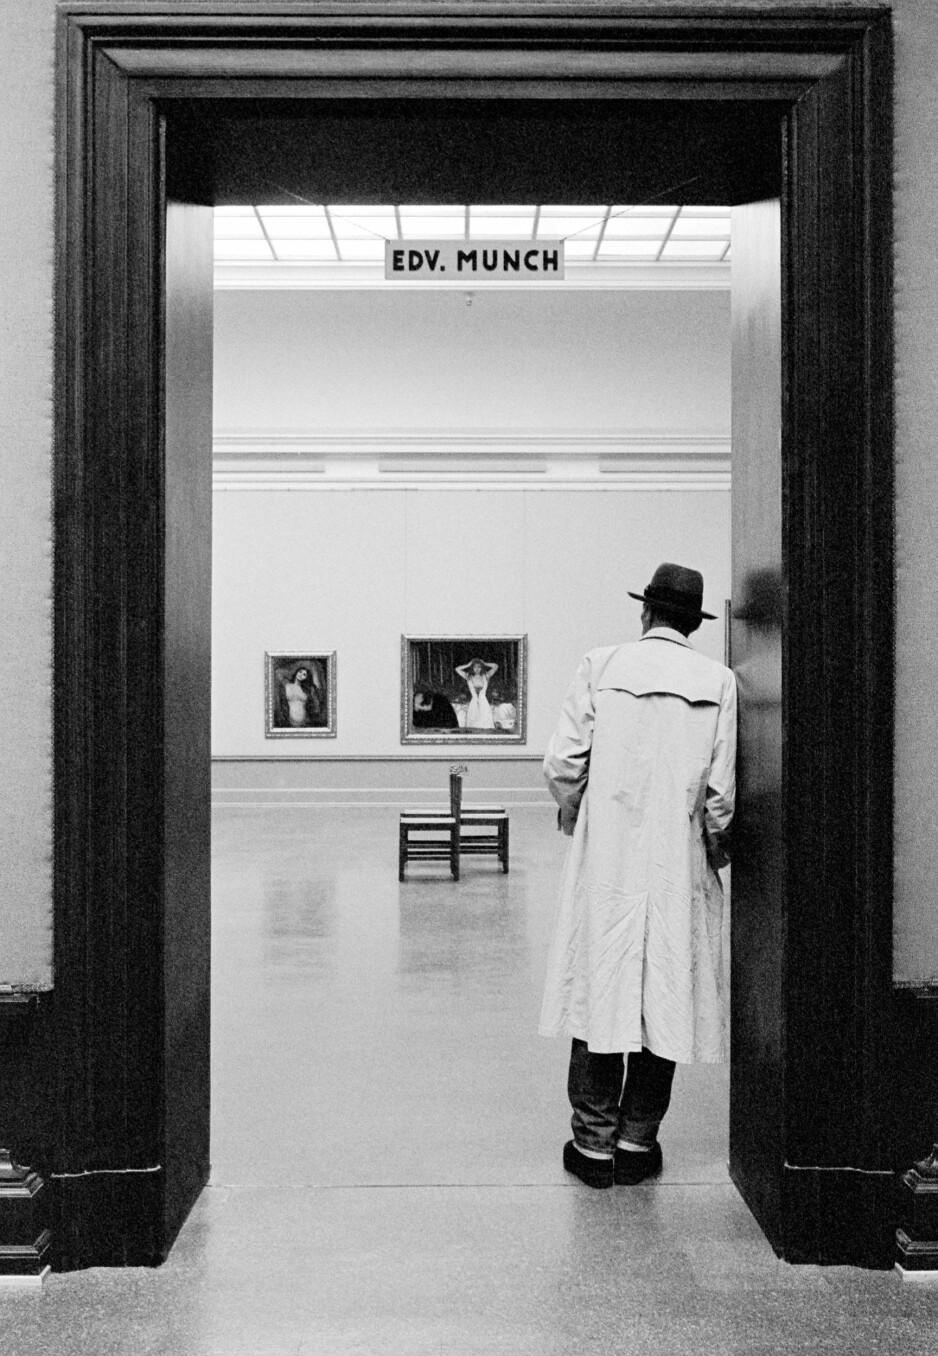 """GOD FOTOSAMLING: I 2018 kjøpte Nasjonalmuseet inn kamerabaserte verk av bl.a Jamie Parslow og dette bildet """"Joseph Beuys meets Edvard Munch"""" fra 1982."""